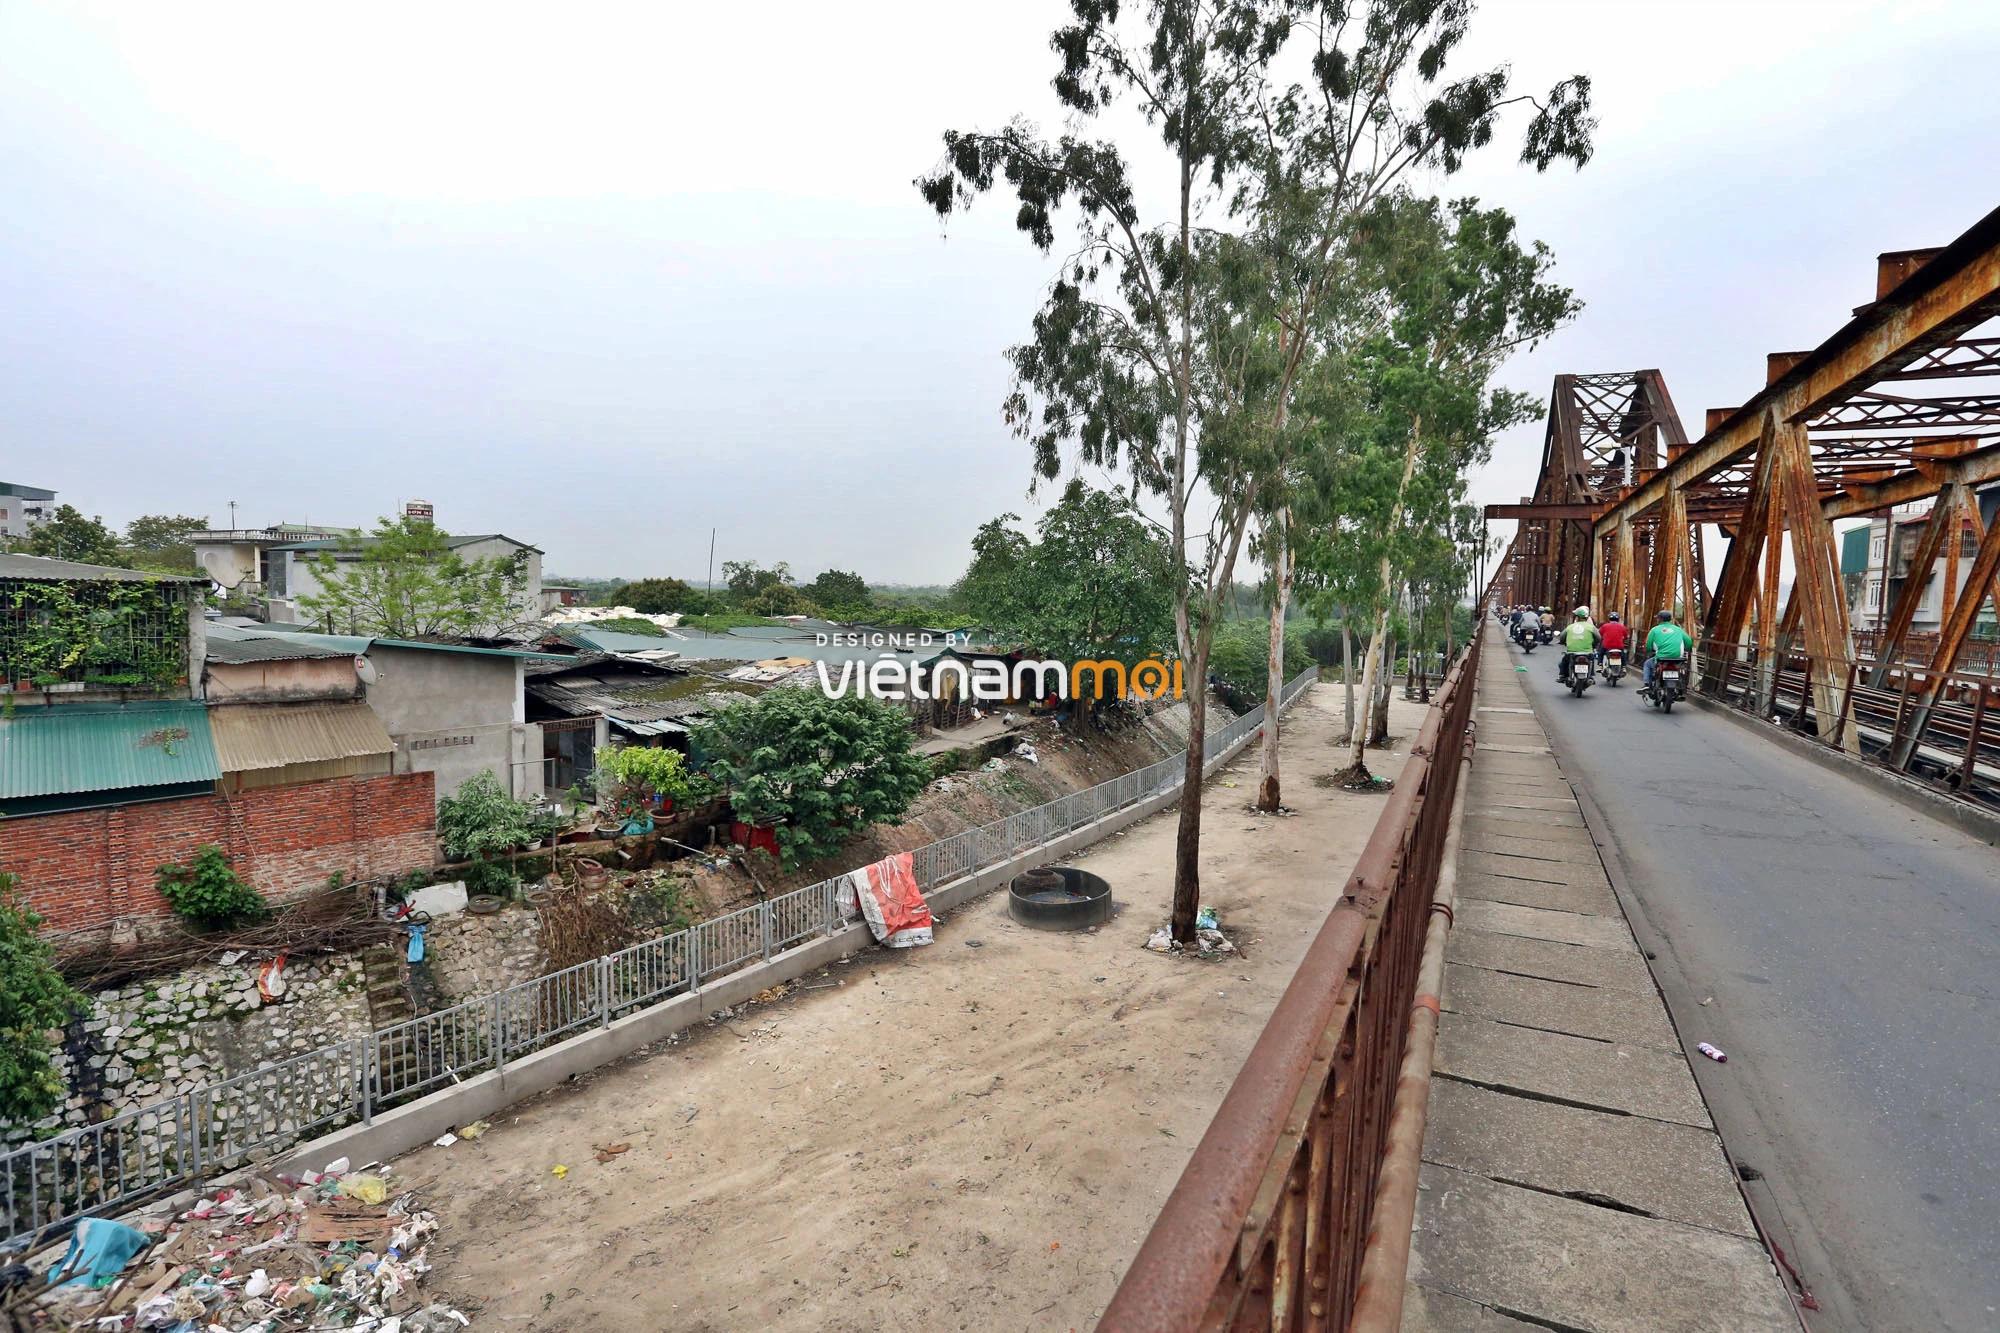 Toàn cảnh hiện trạng Phân khu đô thị sông Hồng trên địa bàn quận Ba Đình - Ảnh 18.